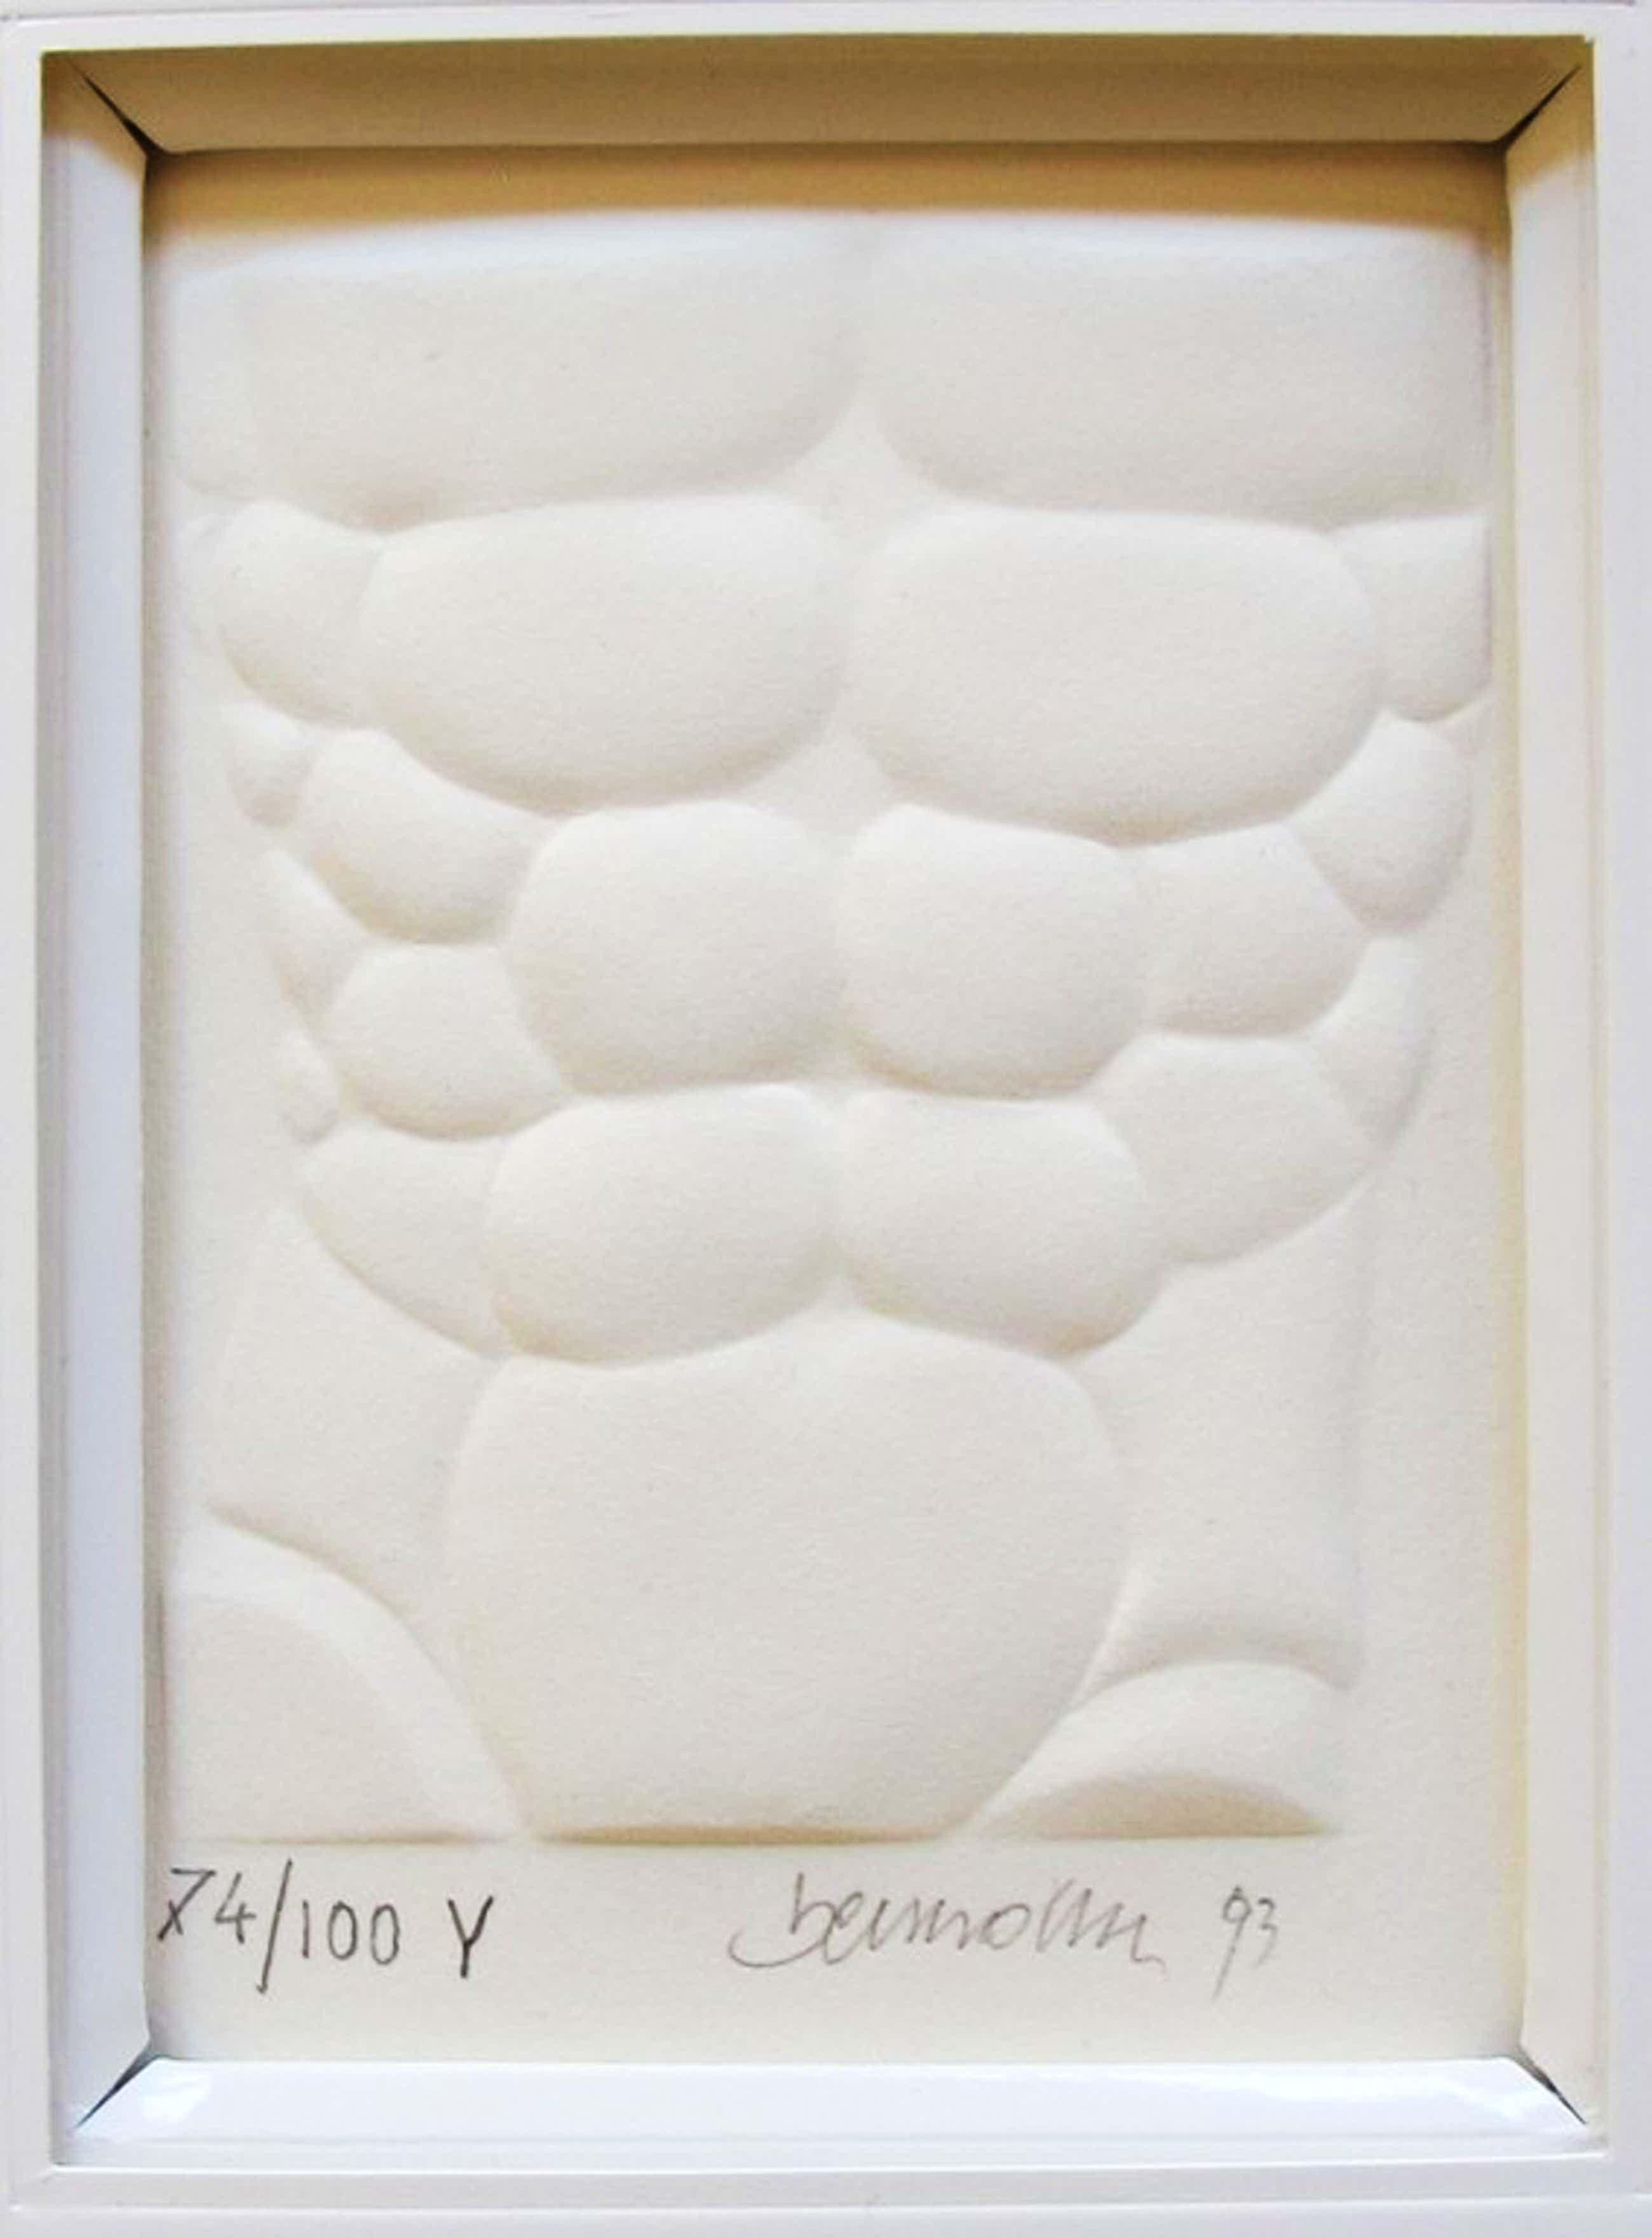 'Citius. Altius. Fortius' - blinddruk, gesigneerd, oplage 100, 1993 kopen? Bied vanaf 50!